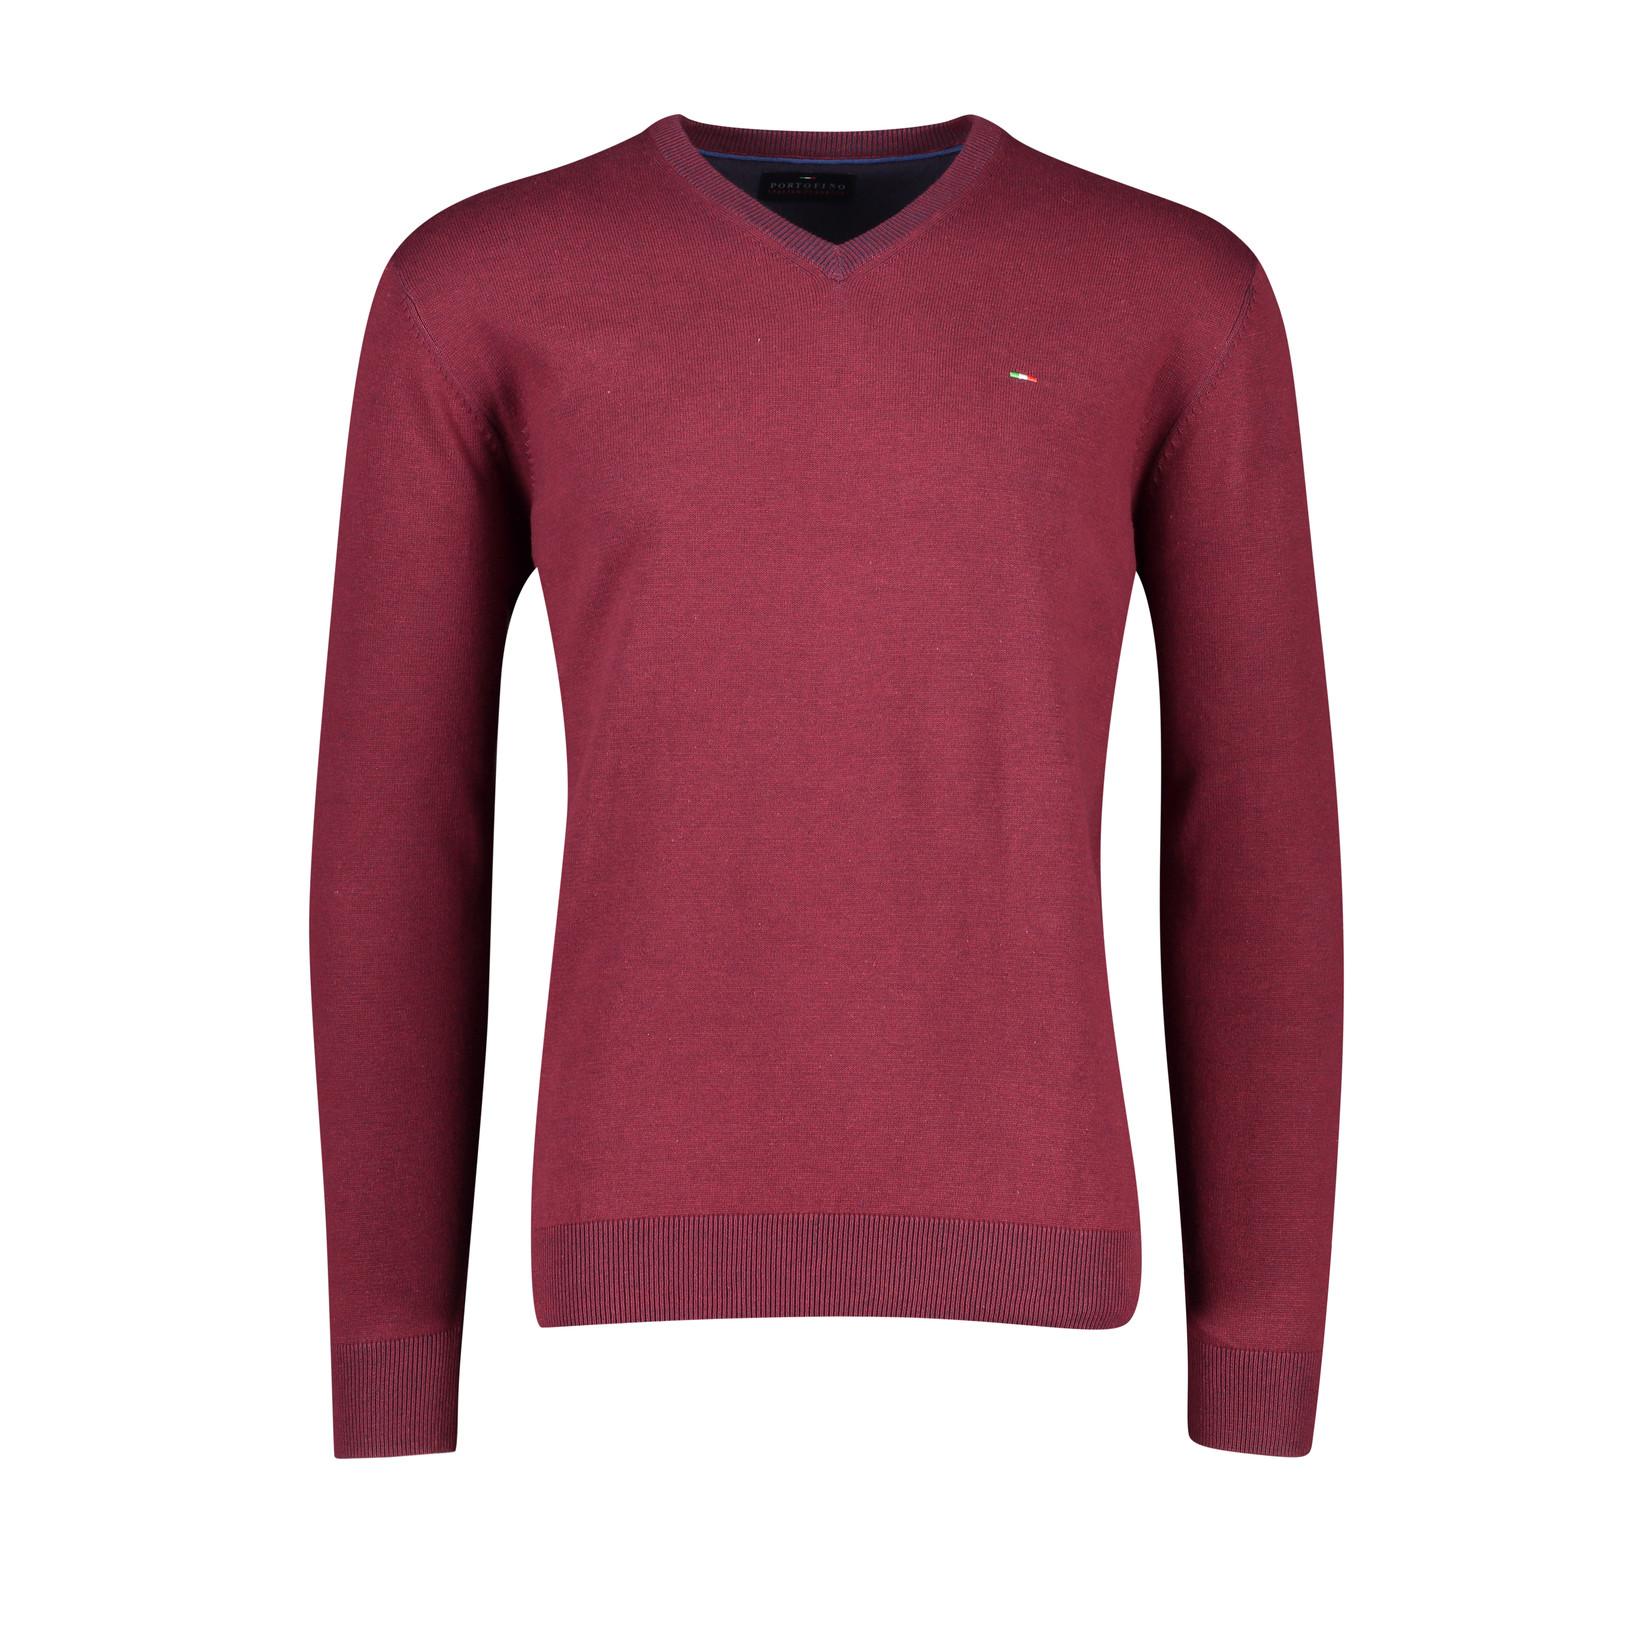 Portofino pullover katoen v-hals rood